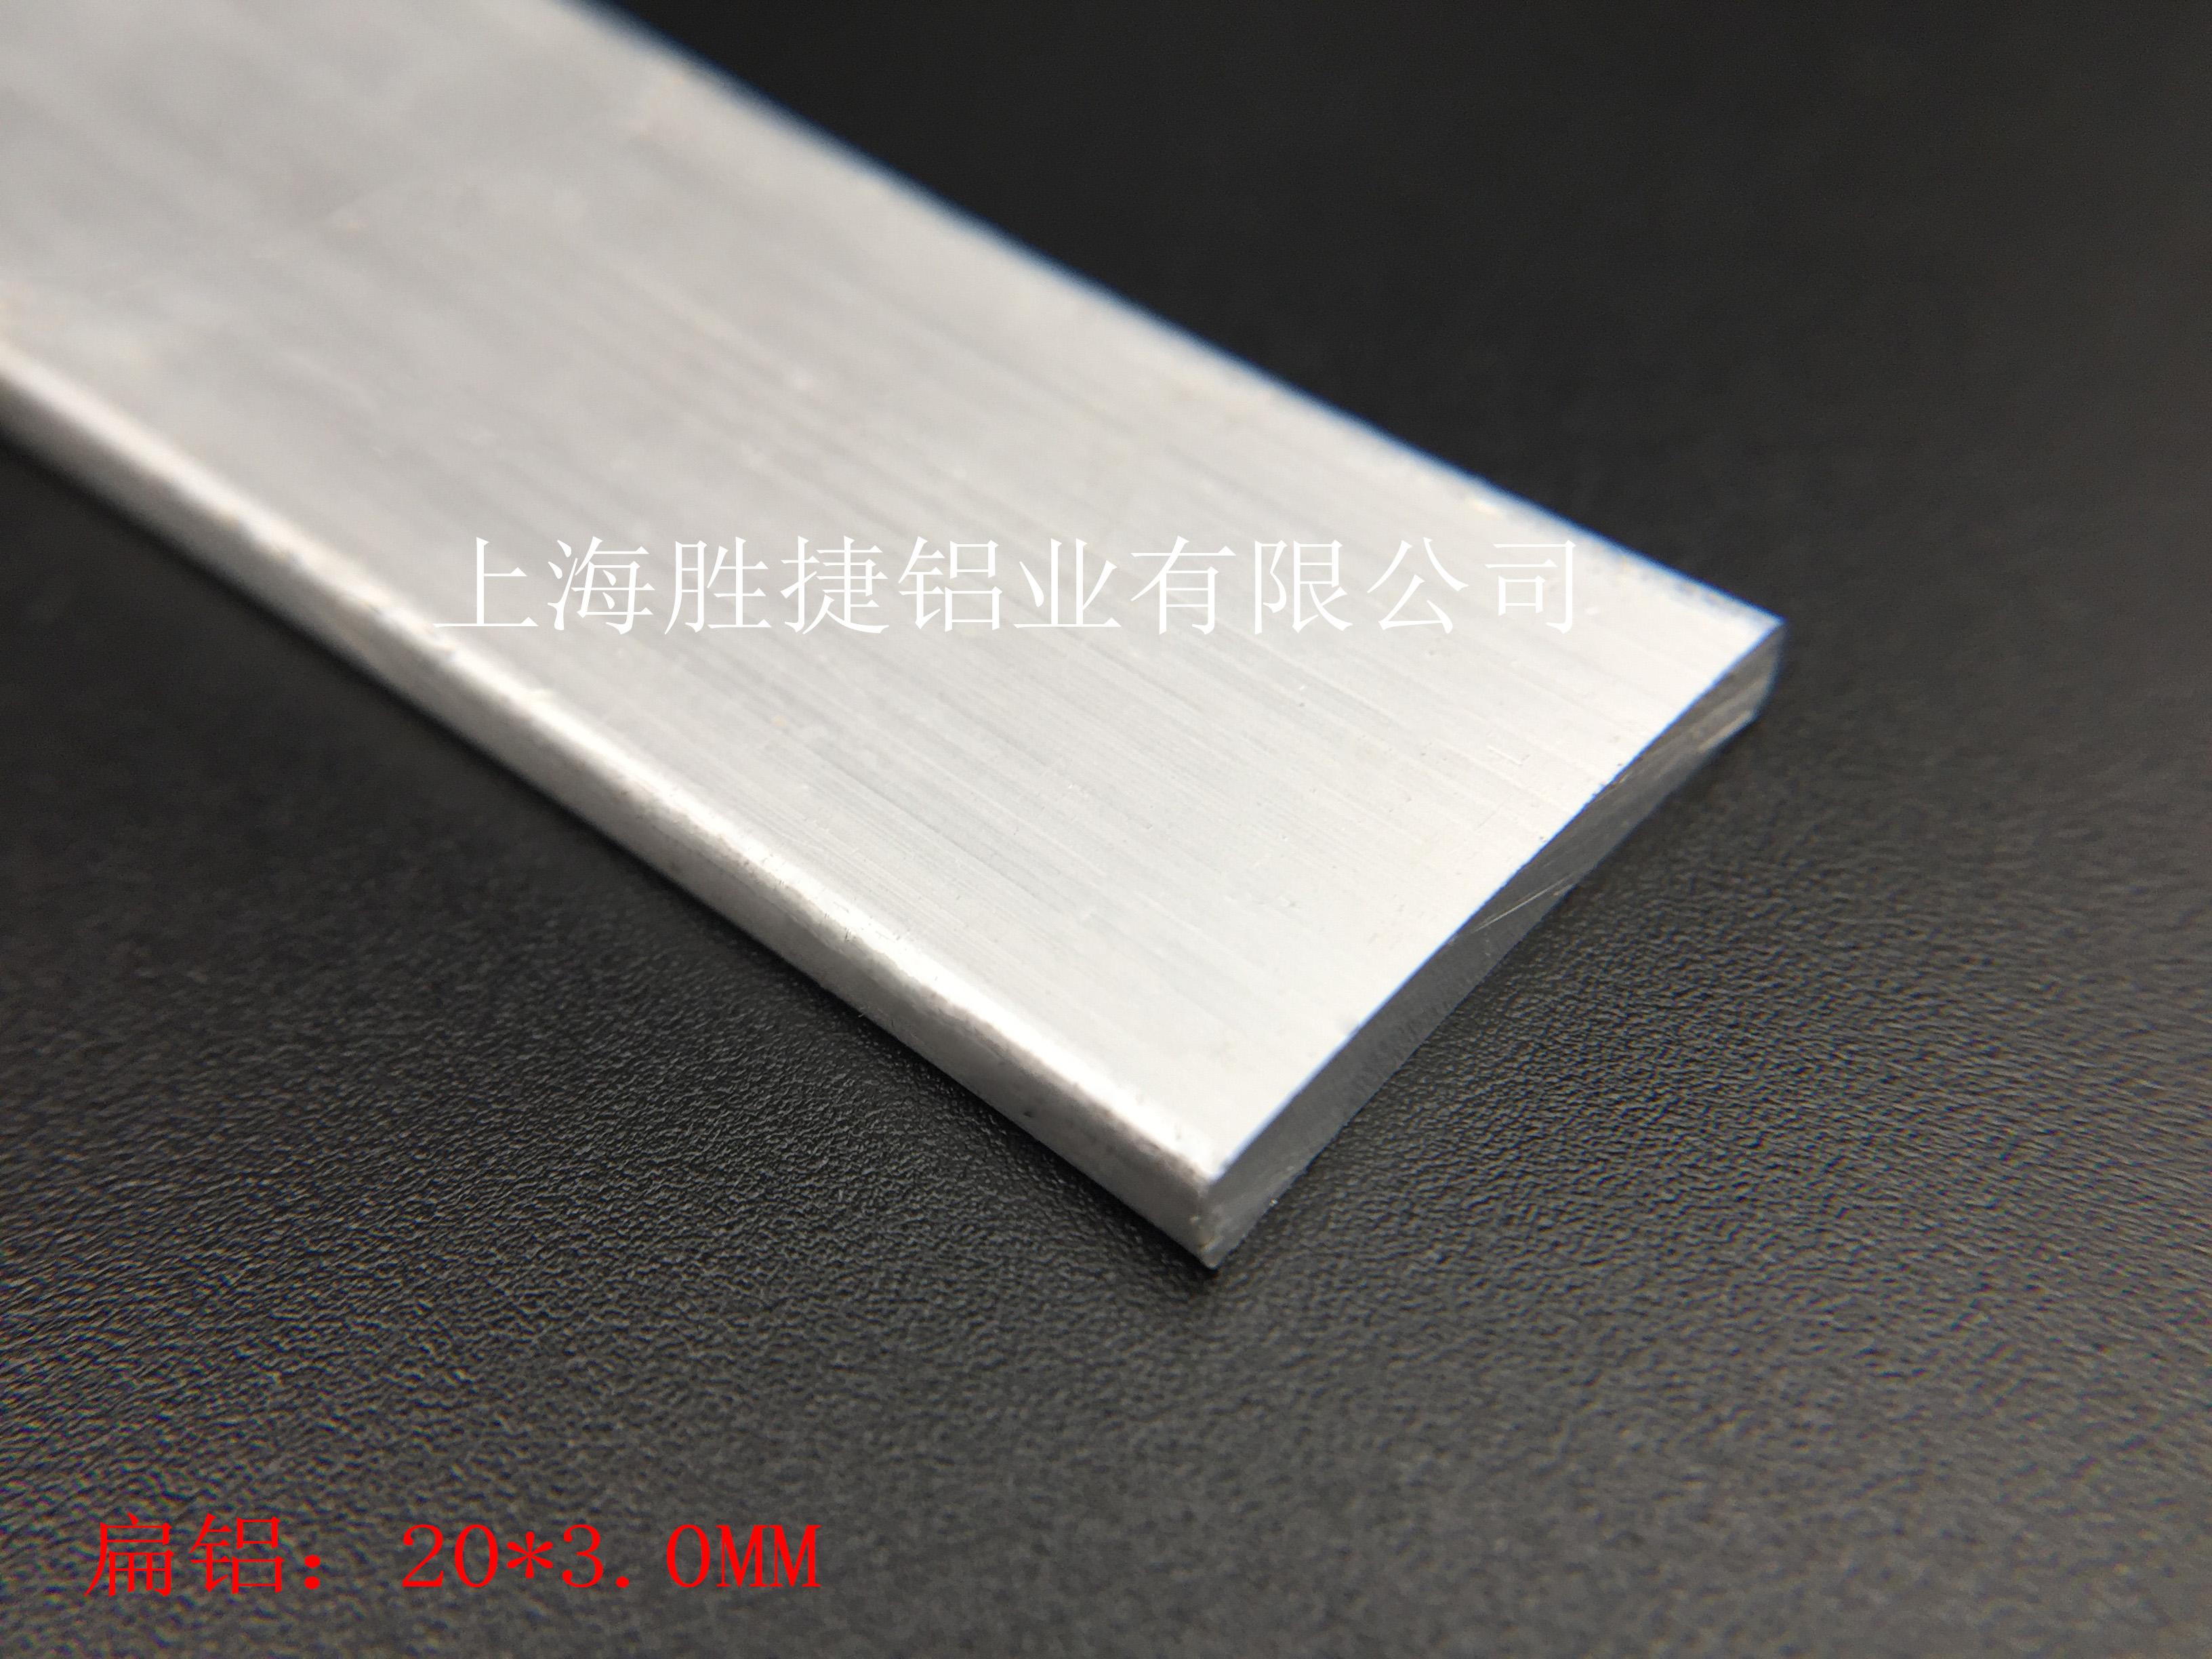 20X3.0MM铝排 工业用铝铝合金扁铝条、扁条 宽度20MM 6063铝型材